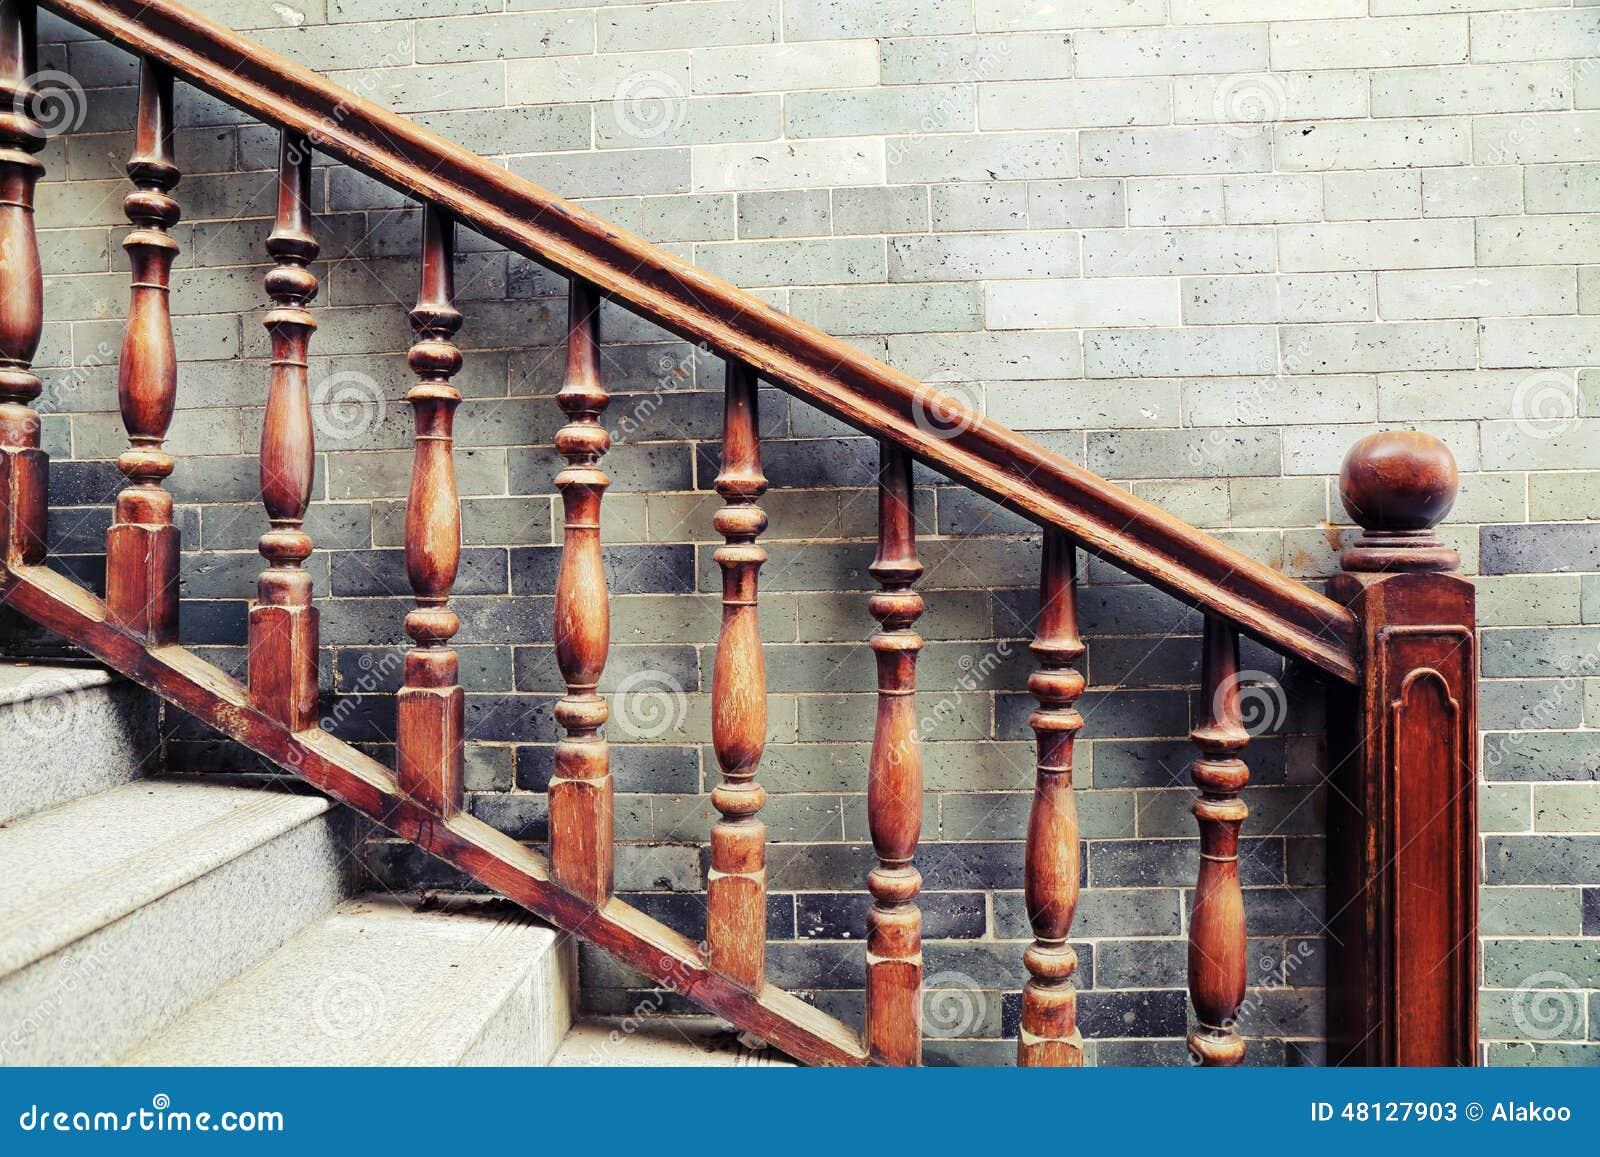 葡萄酒扶手栏杆和细长立柱,楼梯栏杆的支